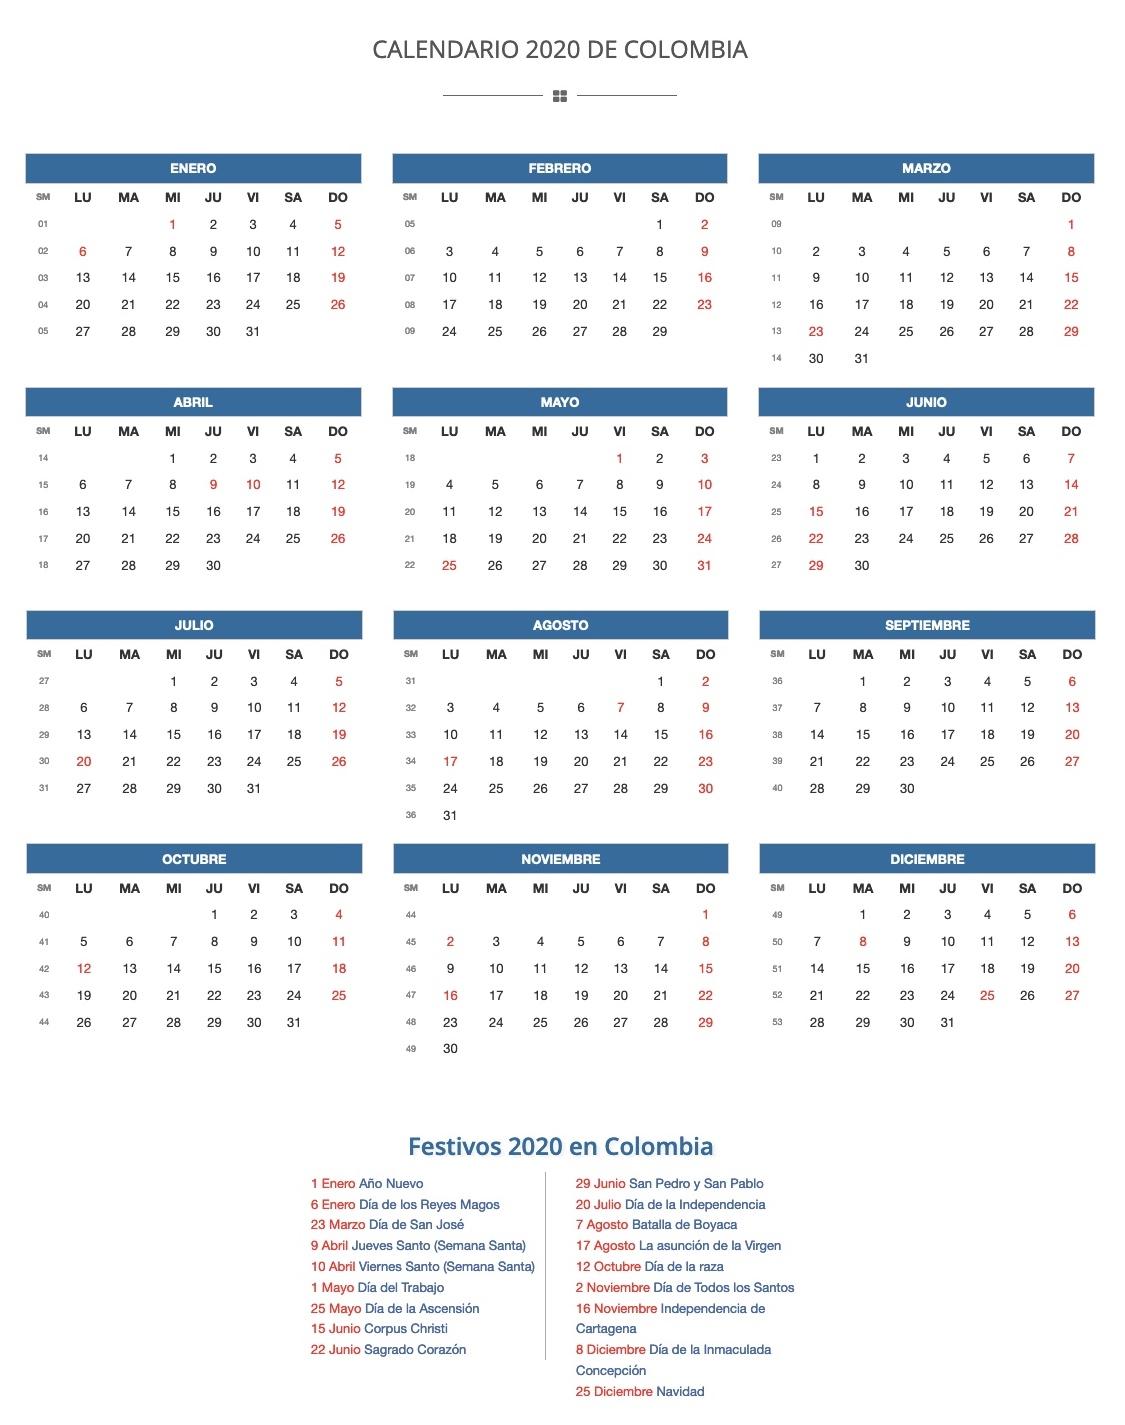 Calendario 2020 En Colombia Con Fechas De Días Festivos 2020 pertaining to Calendario 2020 Con Semanas